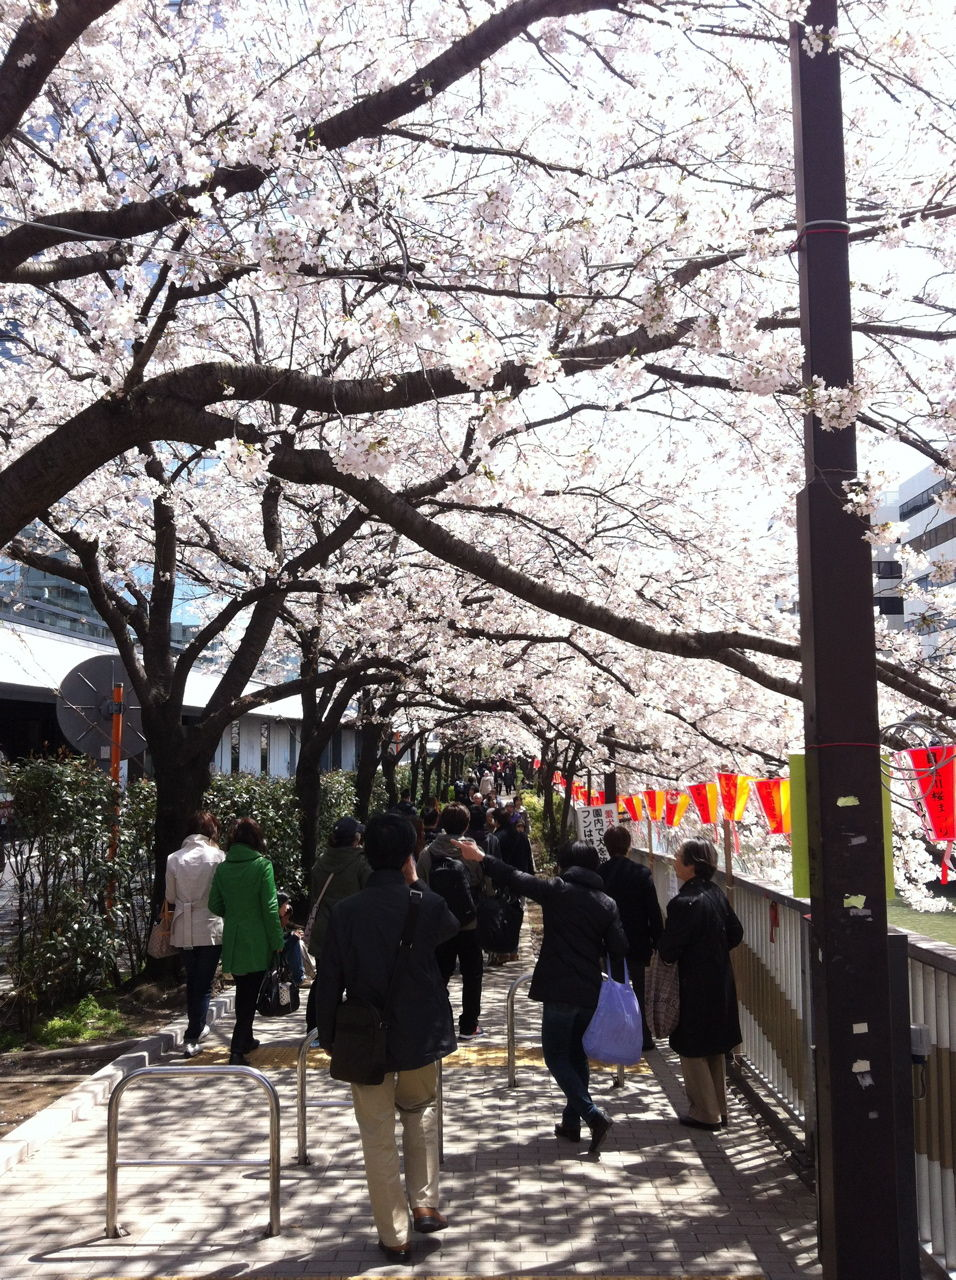 目黒川沿いのソメイヨシノの遊歩道